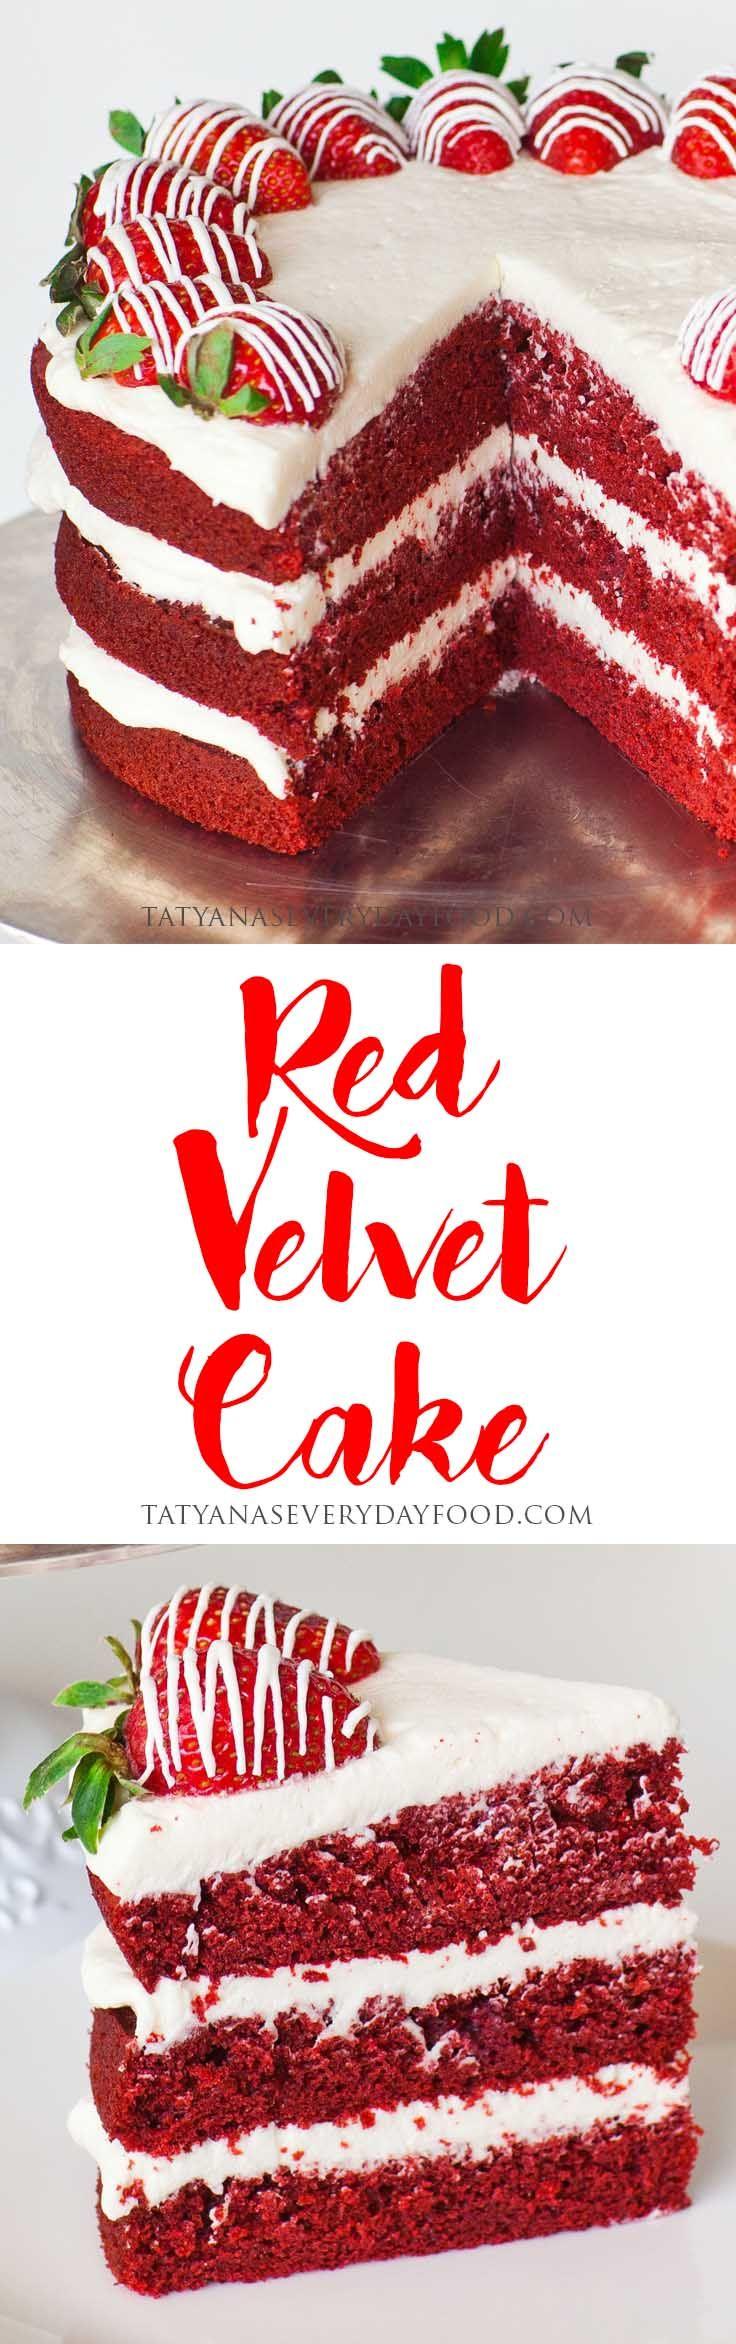 Red Velvet Cake | Recipe | Everyday food, Red velvet and Cake